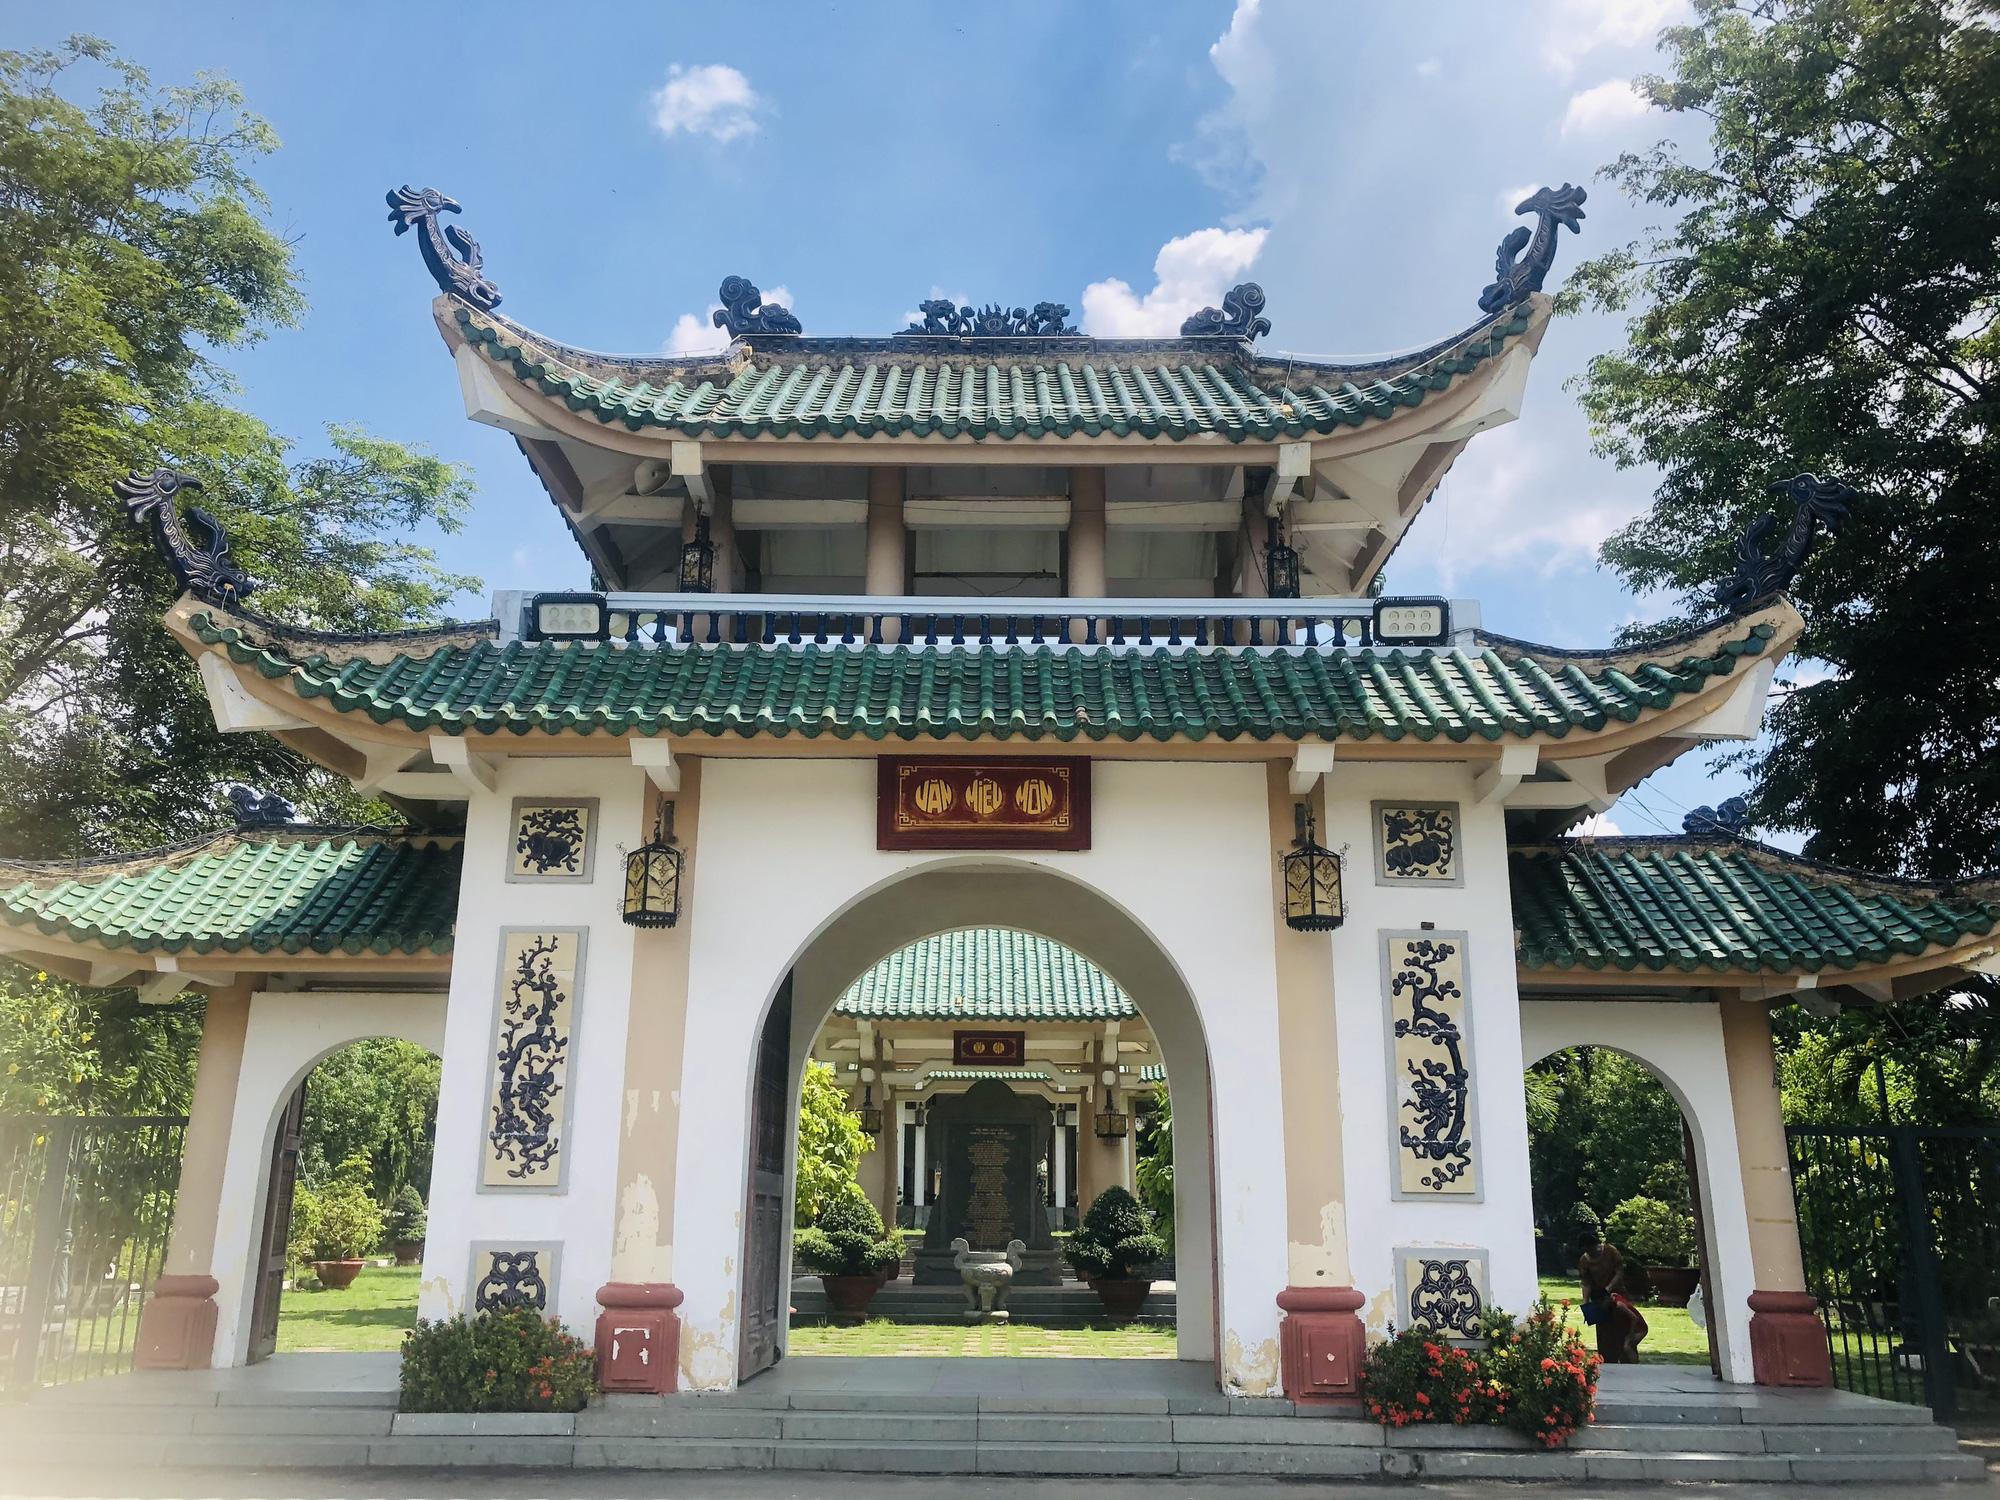 Văn miếu đầu tiên của miền Nam, nơi lưu giữ truyền thống văn hoá - giáo dục đất Biên Hoà - Ảnh 1.